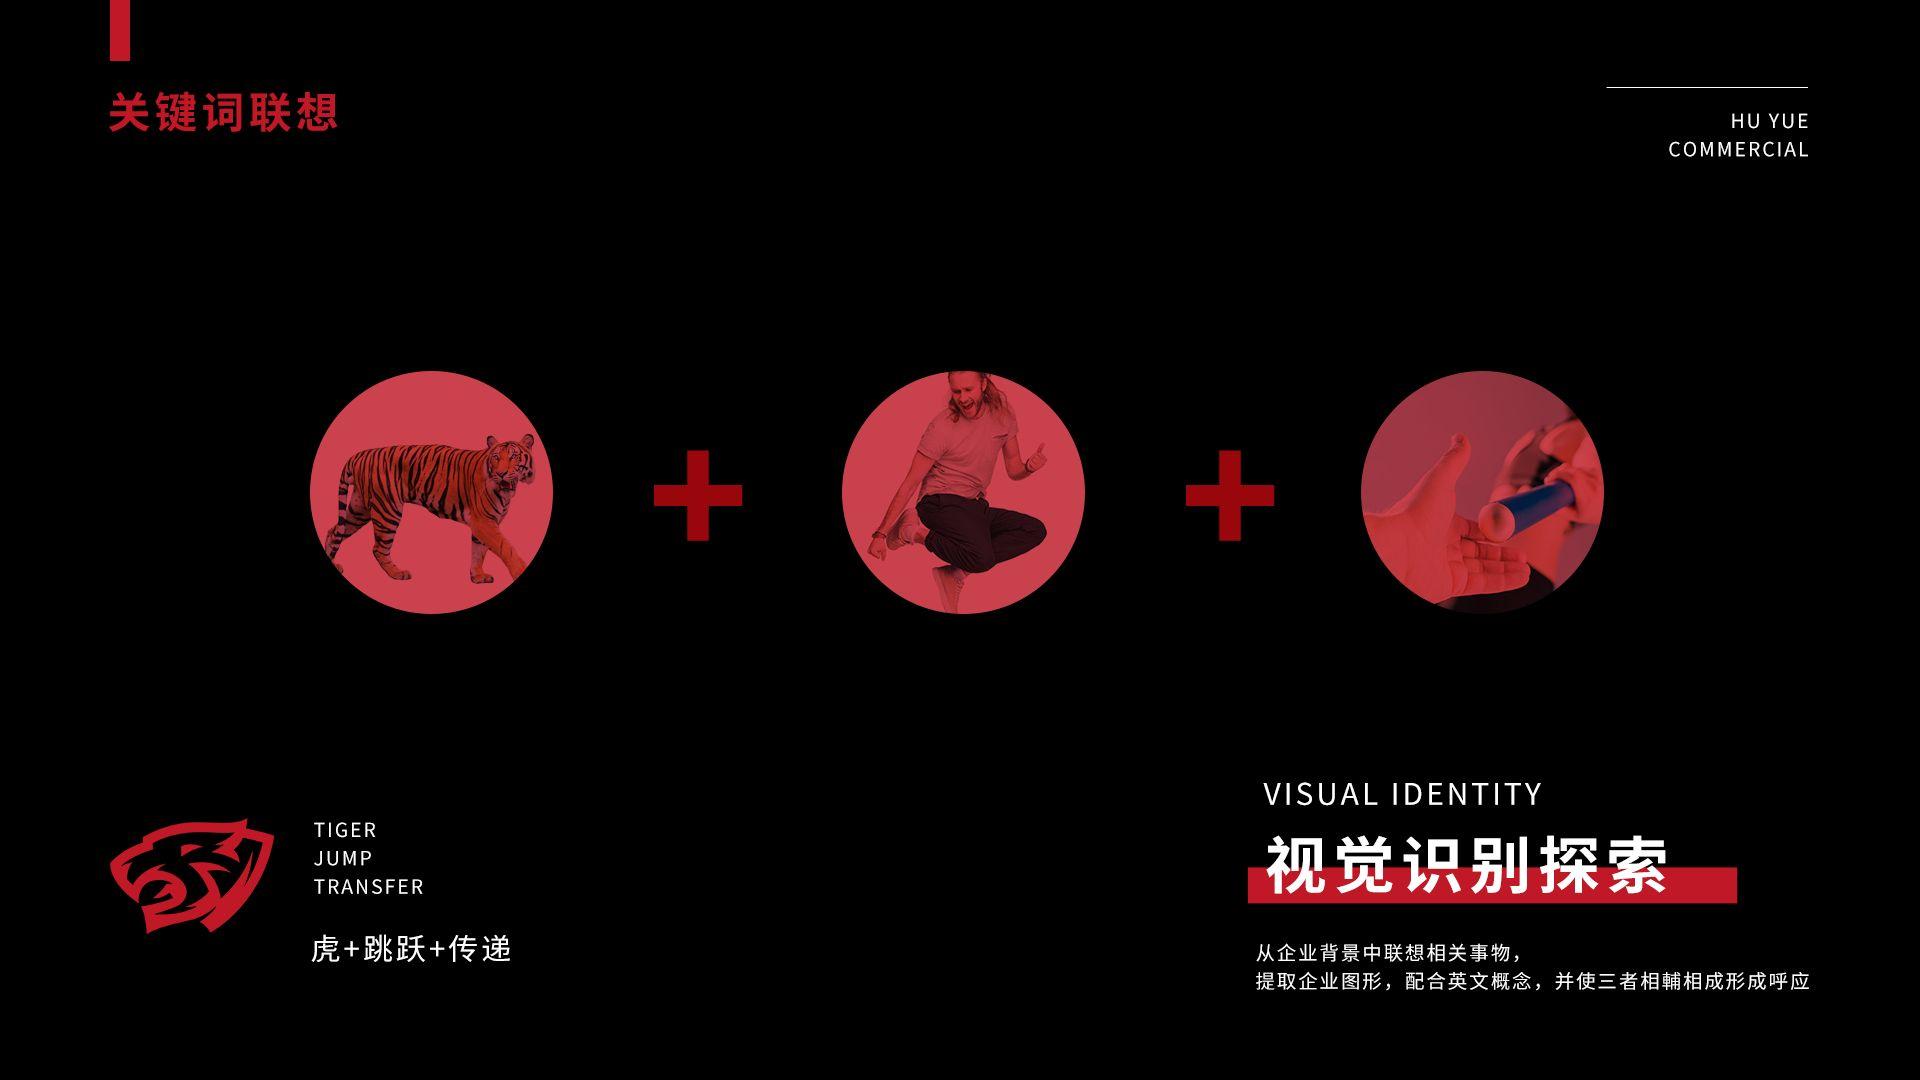 虎跃广告-2.jpg